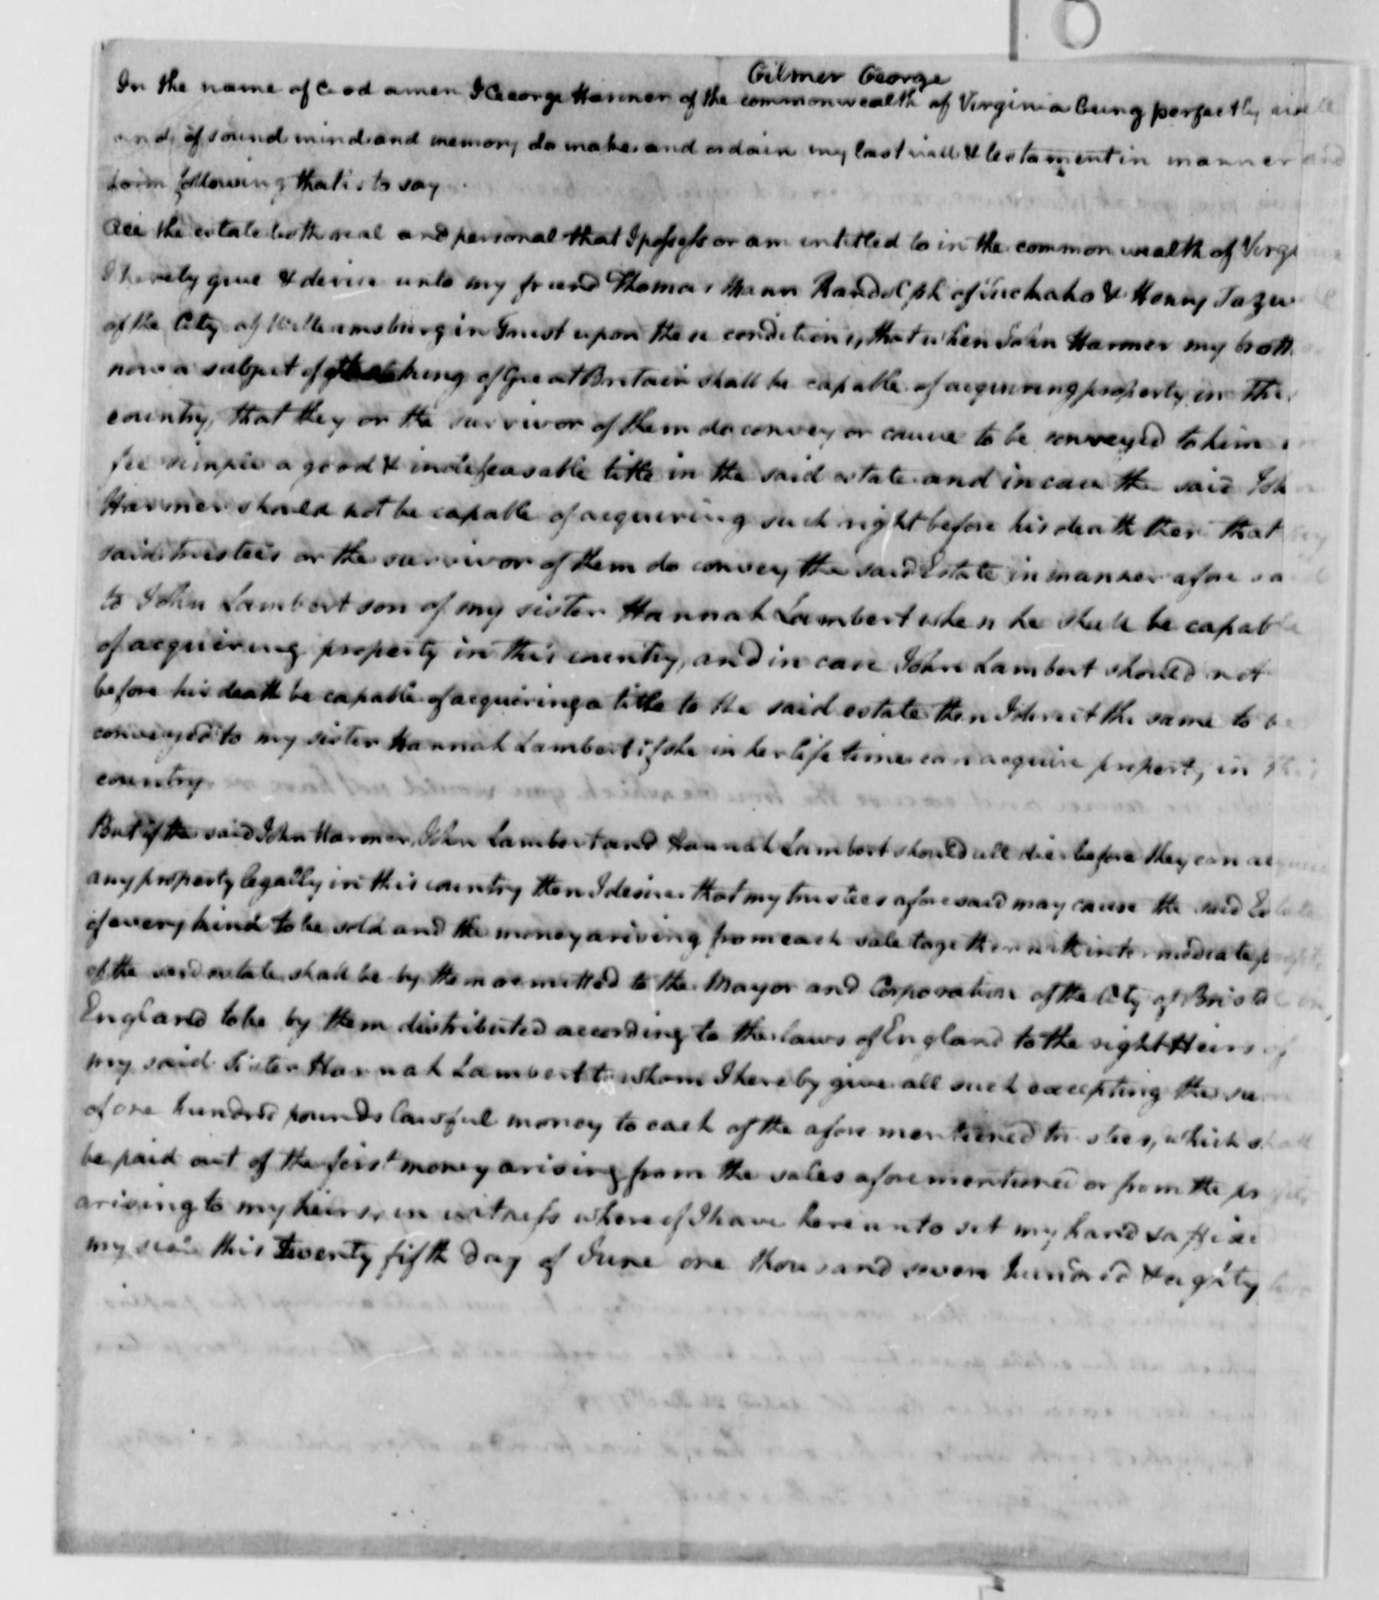 George Gilmer to Thomas Jefferson, January 9, 1787